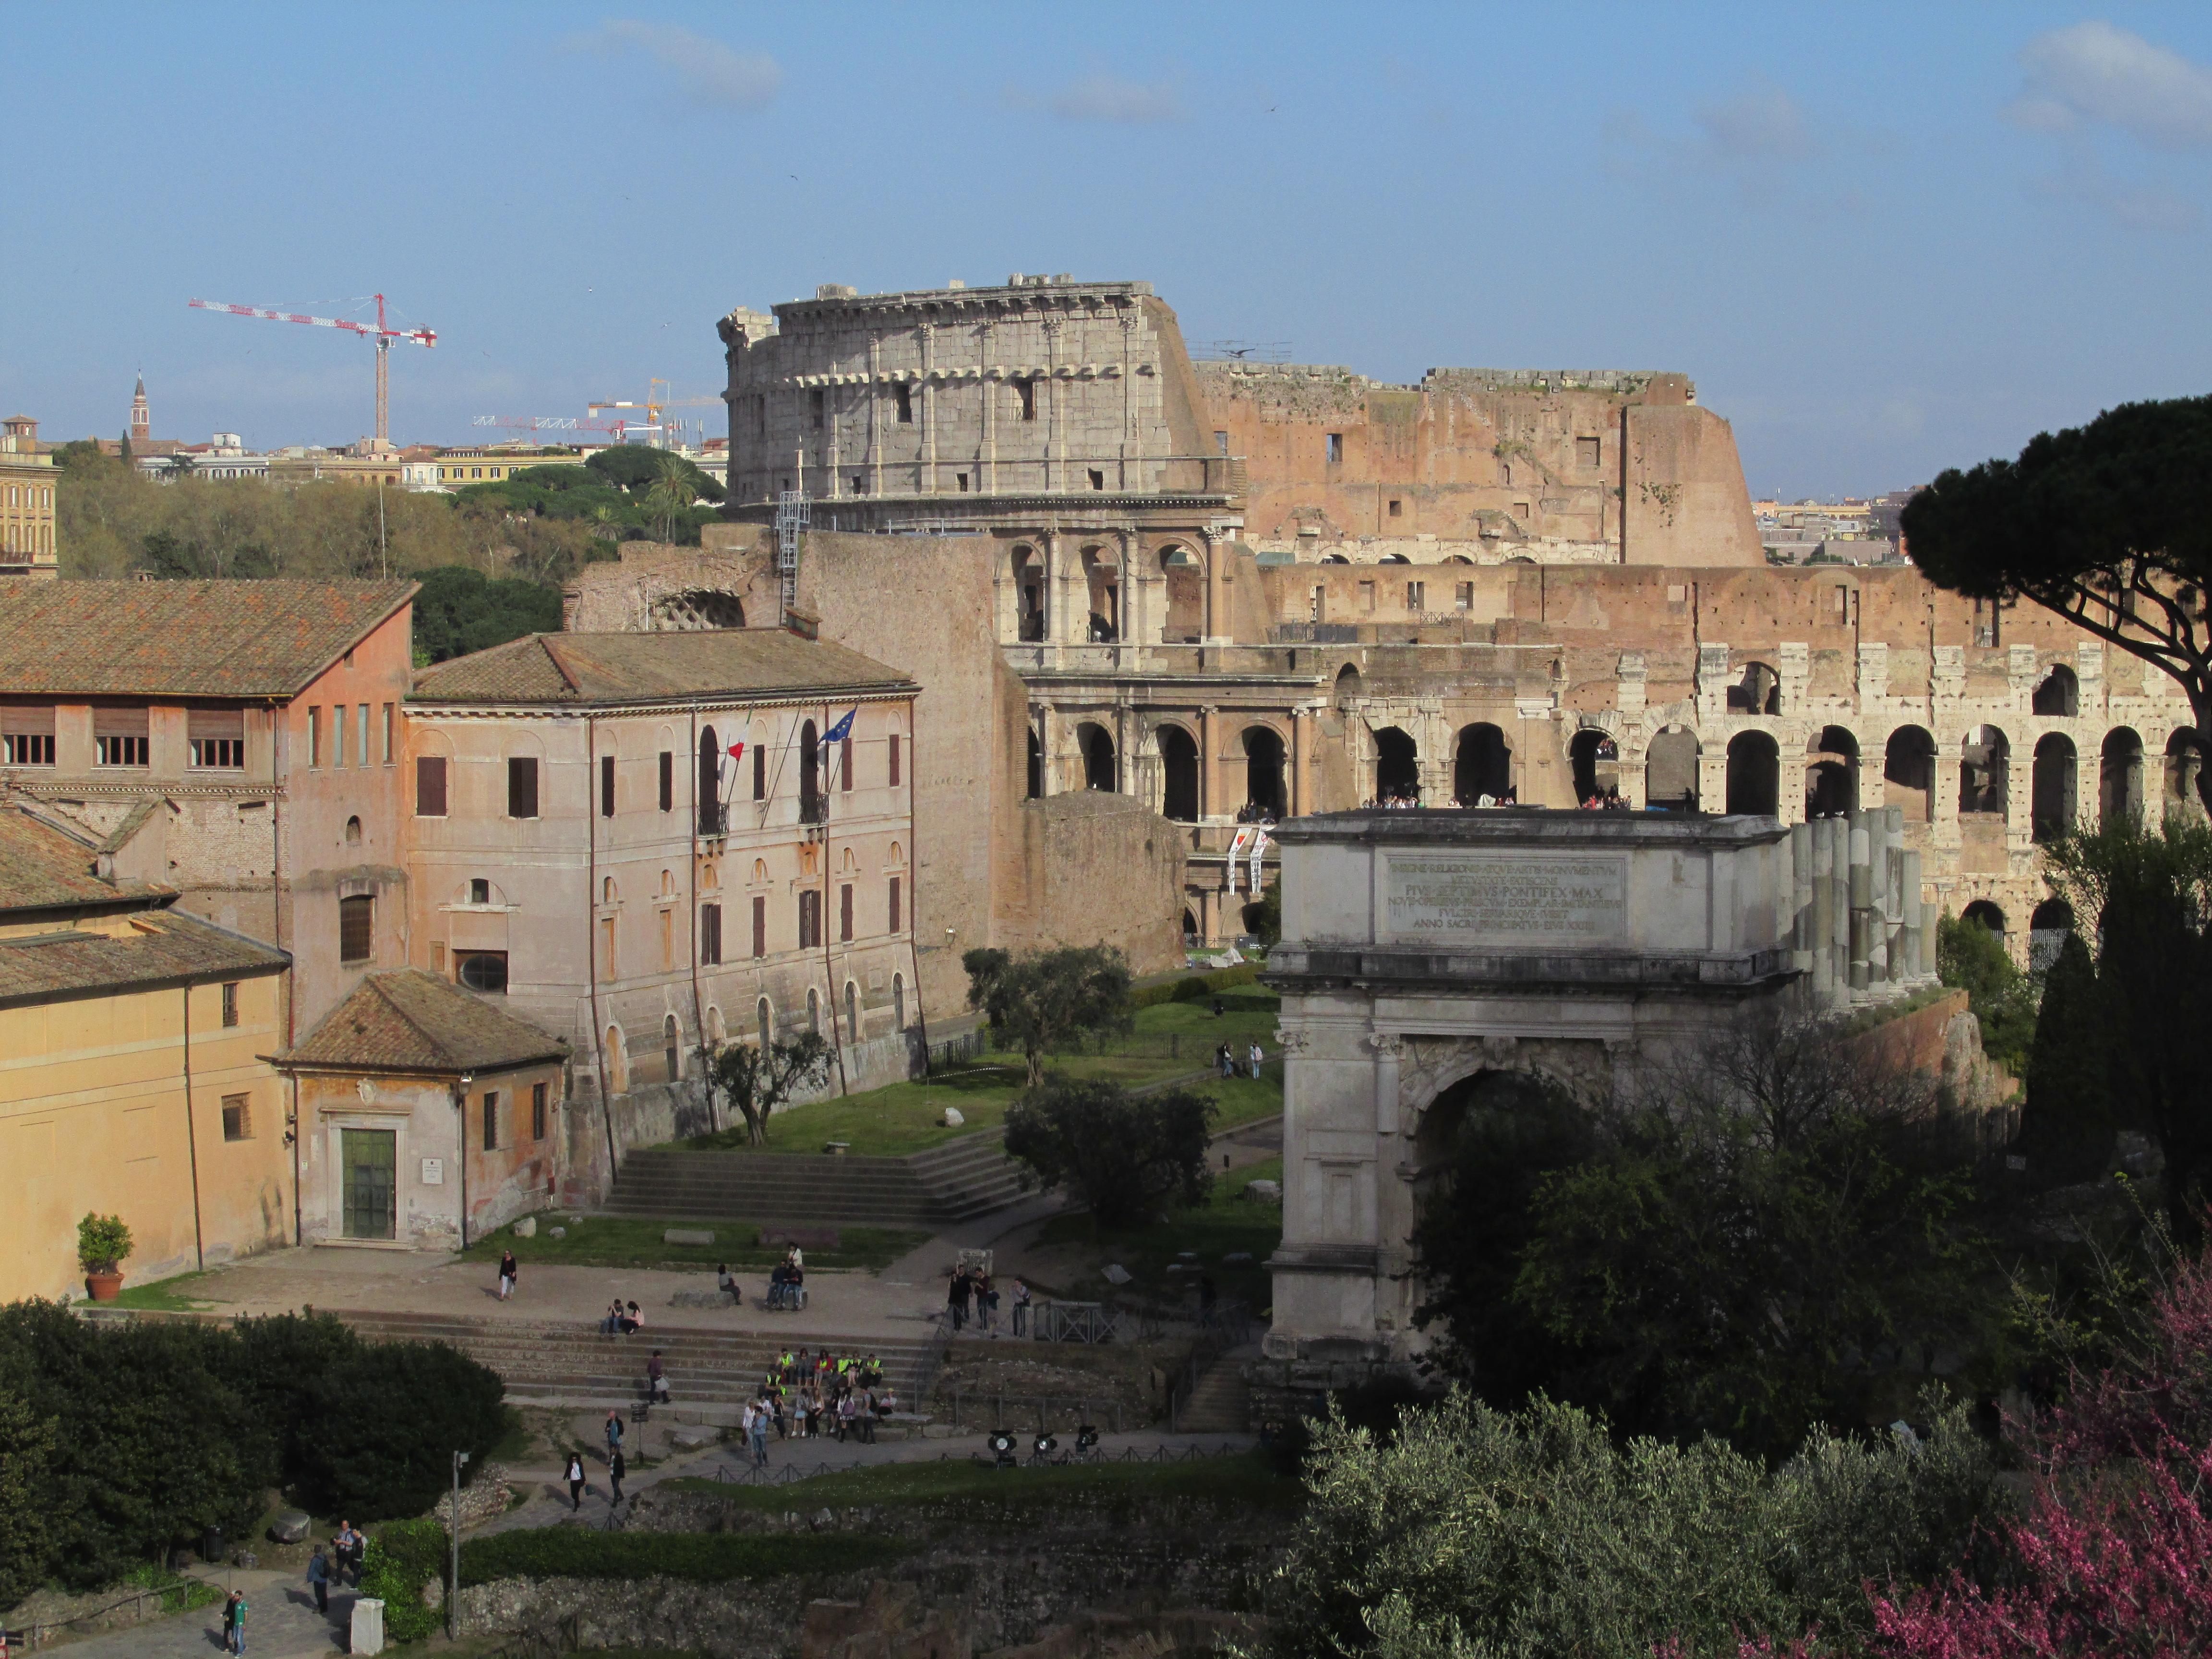 img 2493 - Consejos para visitar el Coliseo en Roma